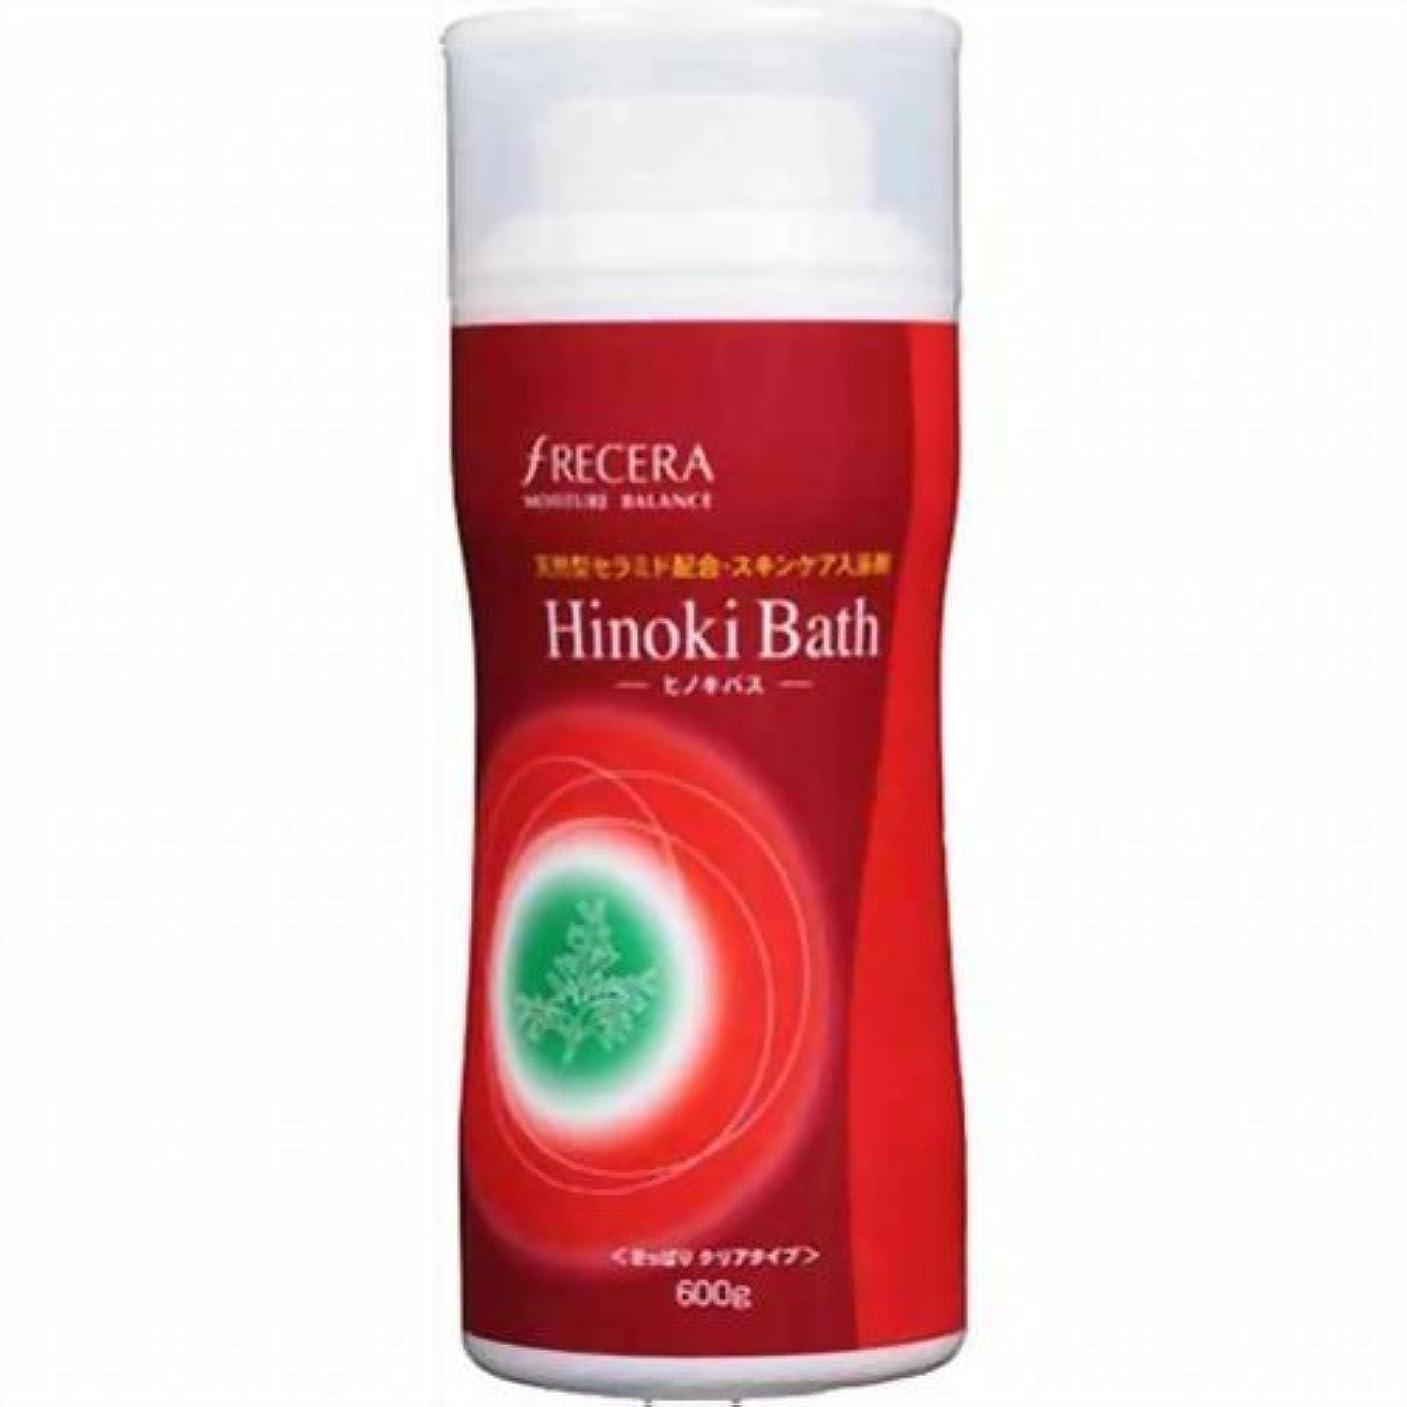 いたずら防止狼フレッセラ セラミド入浴剤 ヒノキバス 600g